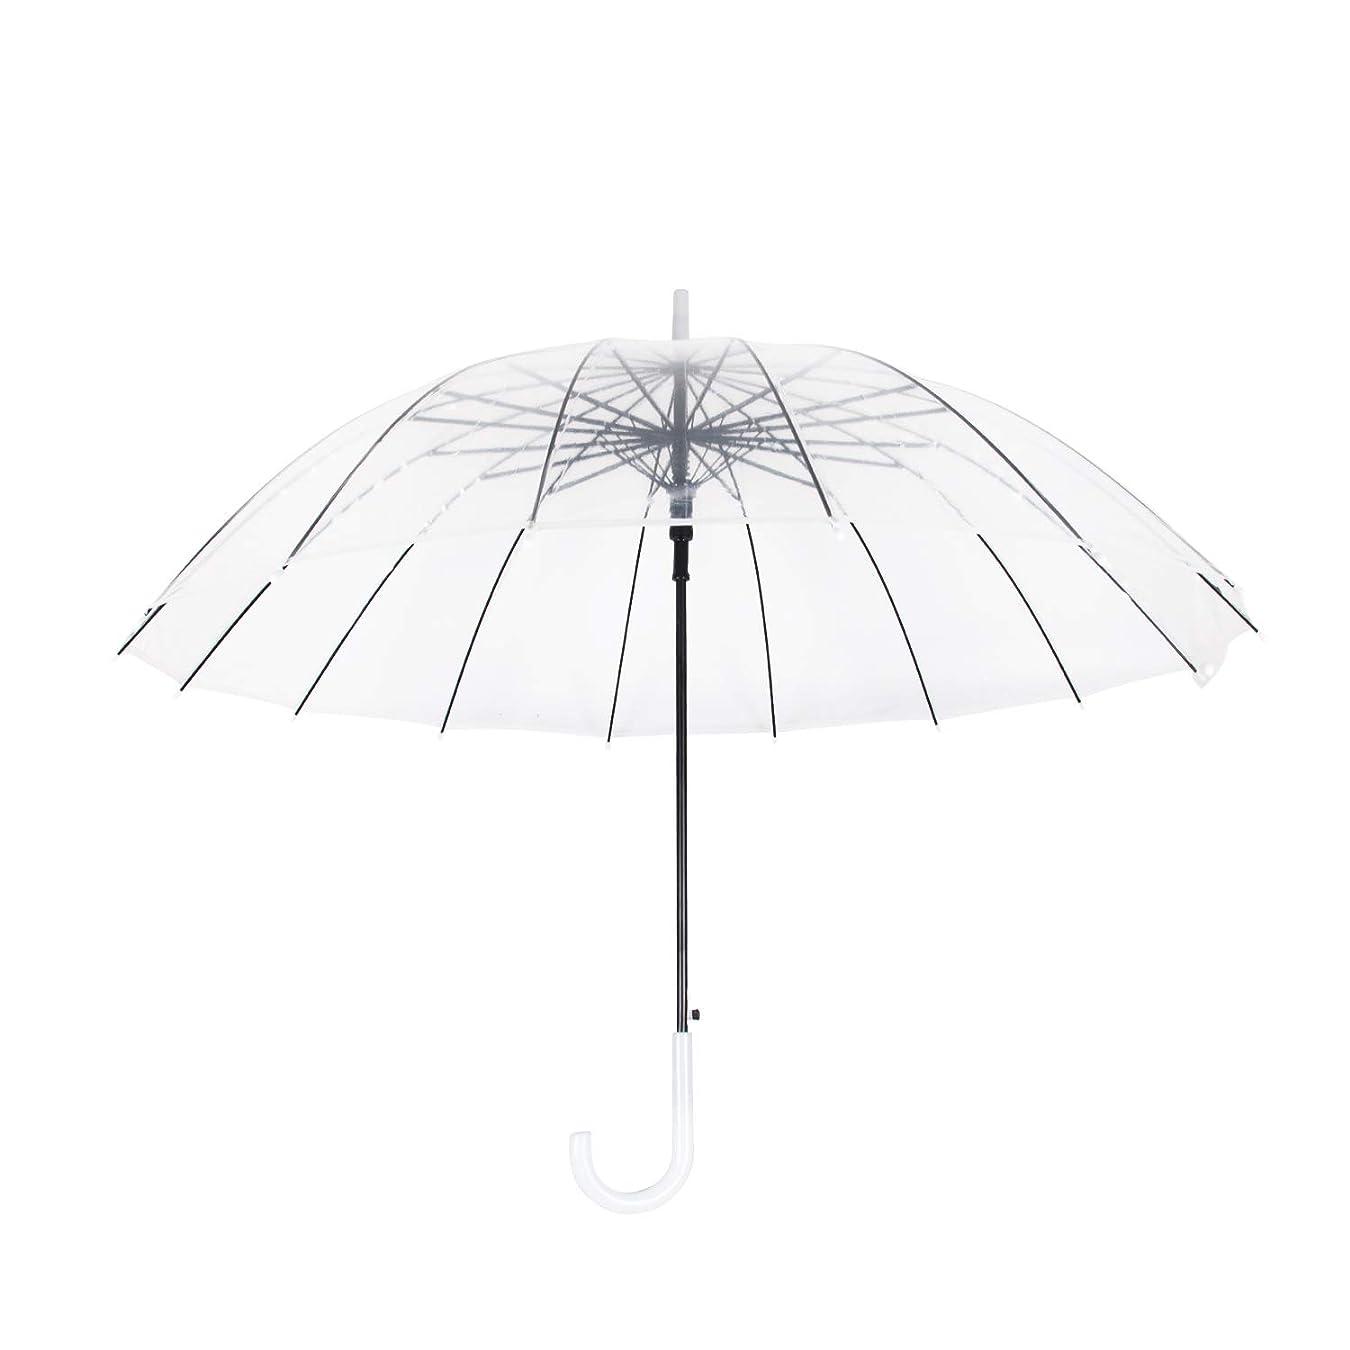 週末幸運恐ろしいMengshen 透明長傘 見通し ジャンプ式 丈夫 耐風 軽量 16本骨 男女兼用 KS10White